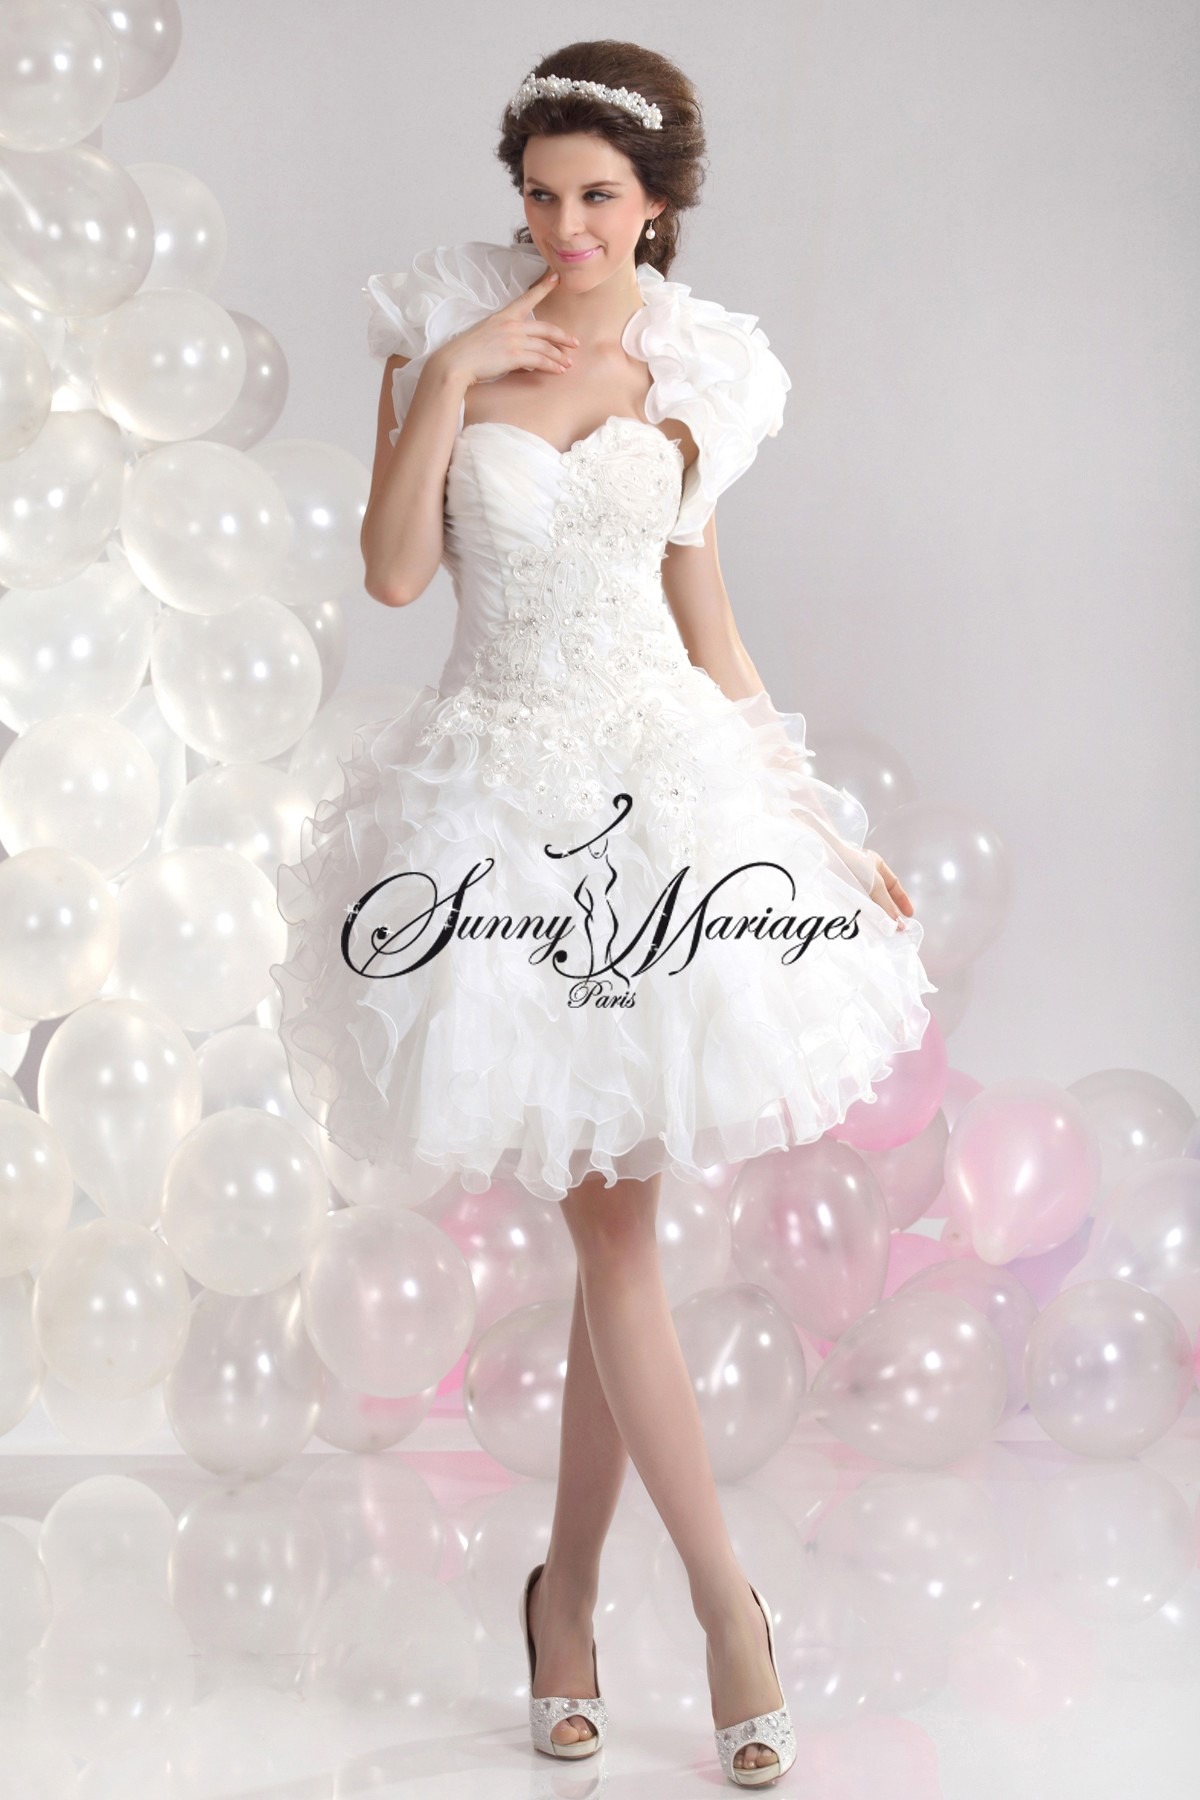 Robe de mariee courte d'hiver